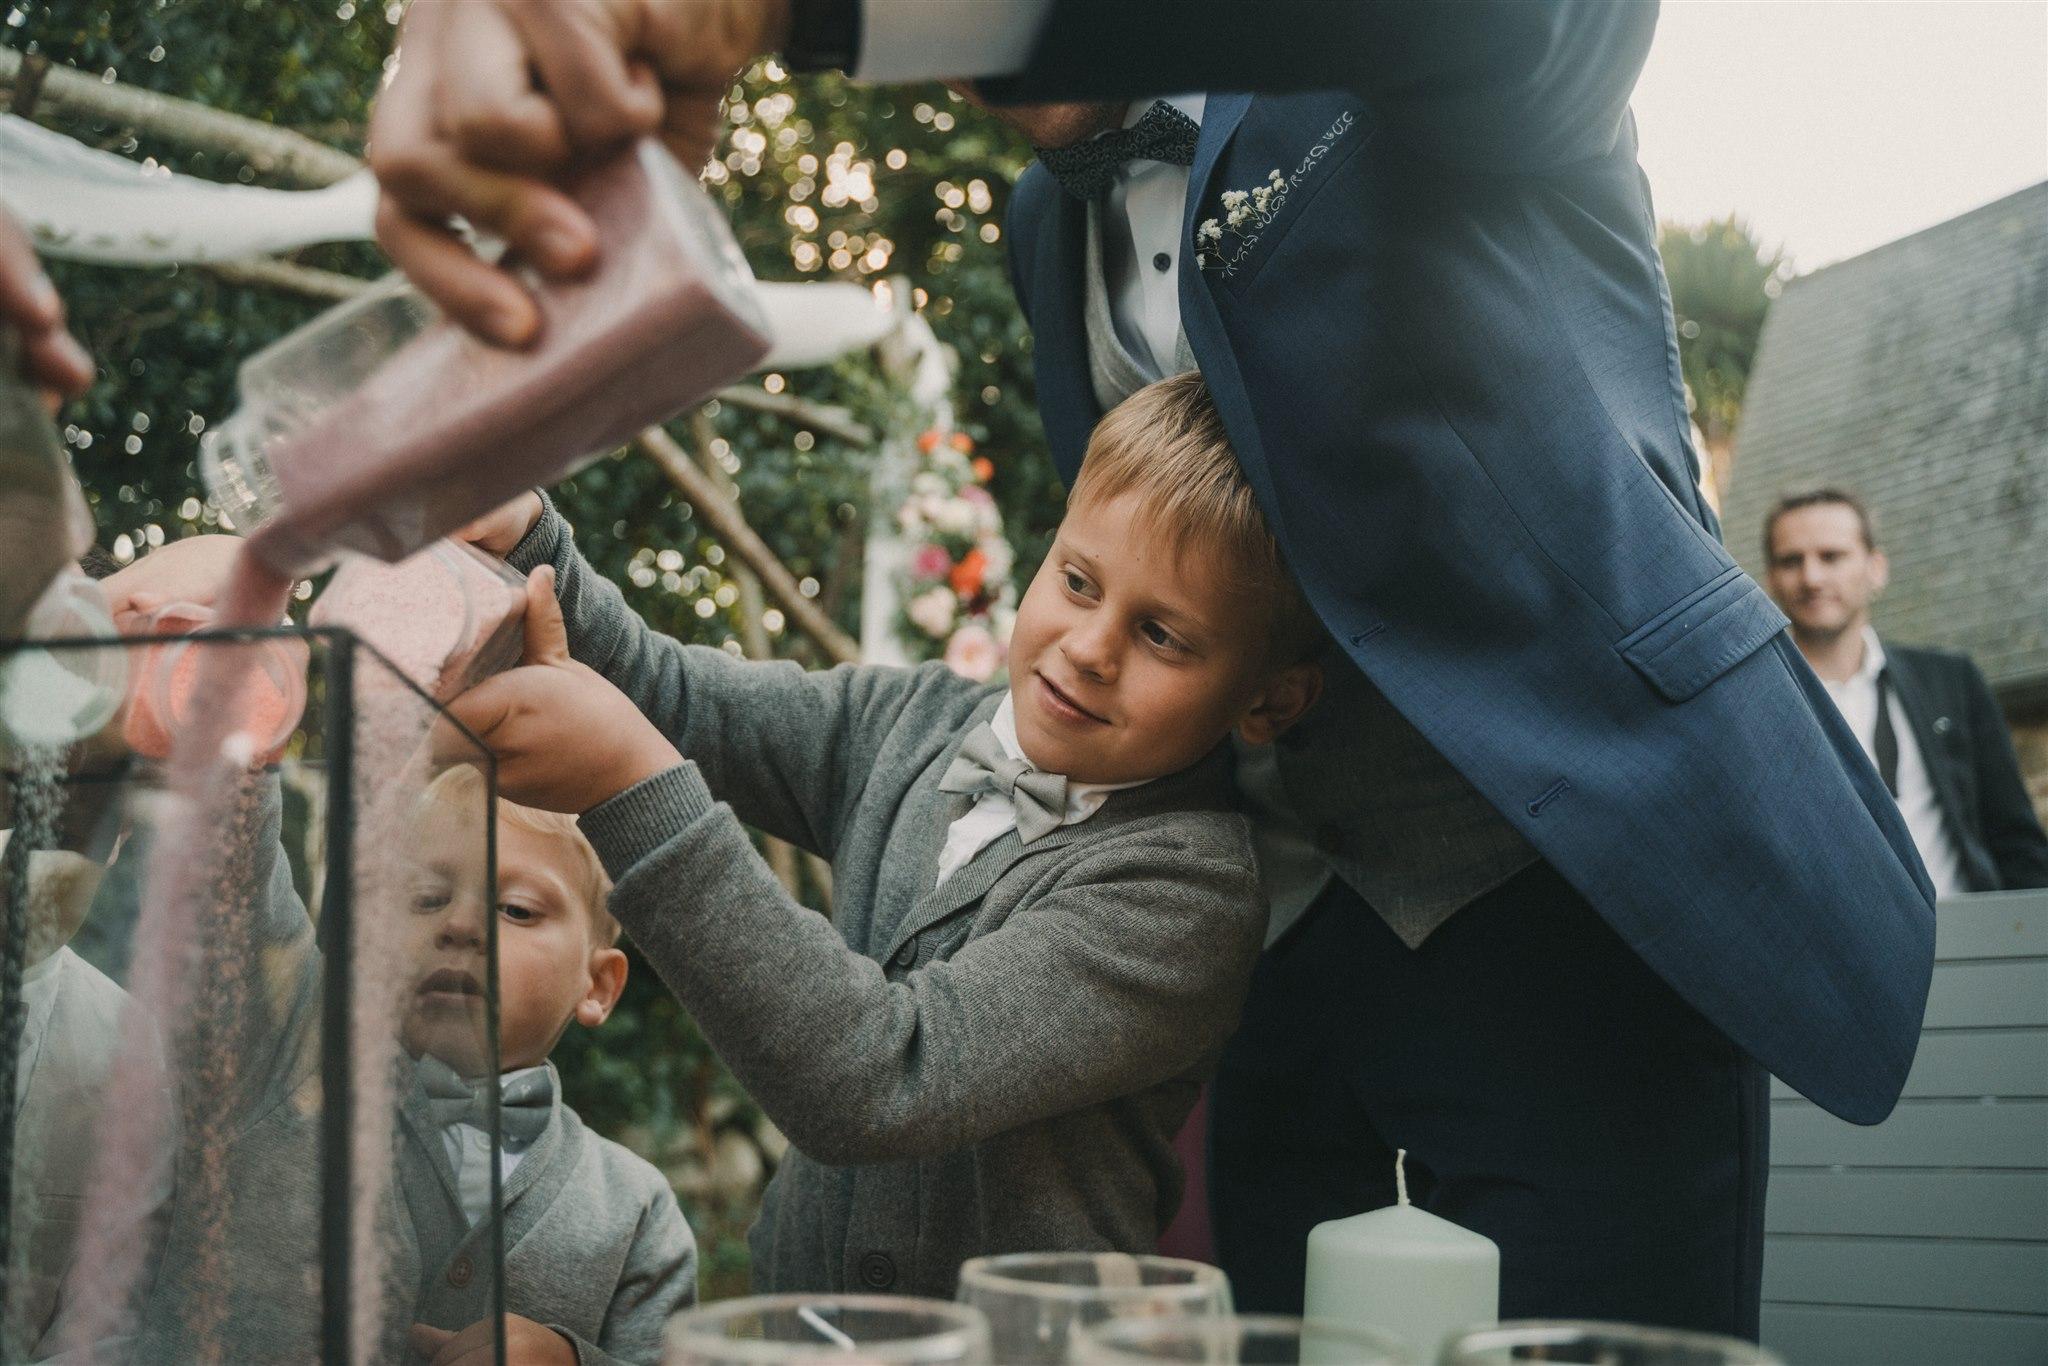 Photo De Mariage De Marine Mickael Au Clos De Trevannec À Pont L Abbé Par Antoine Borzeix Photographe De Mariage À Quimper Www.antoineborzeix.frA7303410, Photographe & Videaste à Brest / Finistère